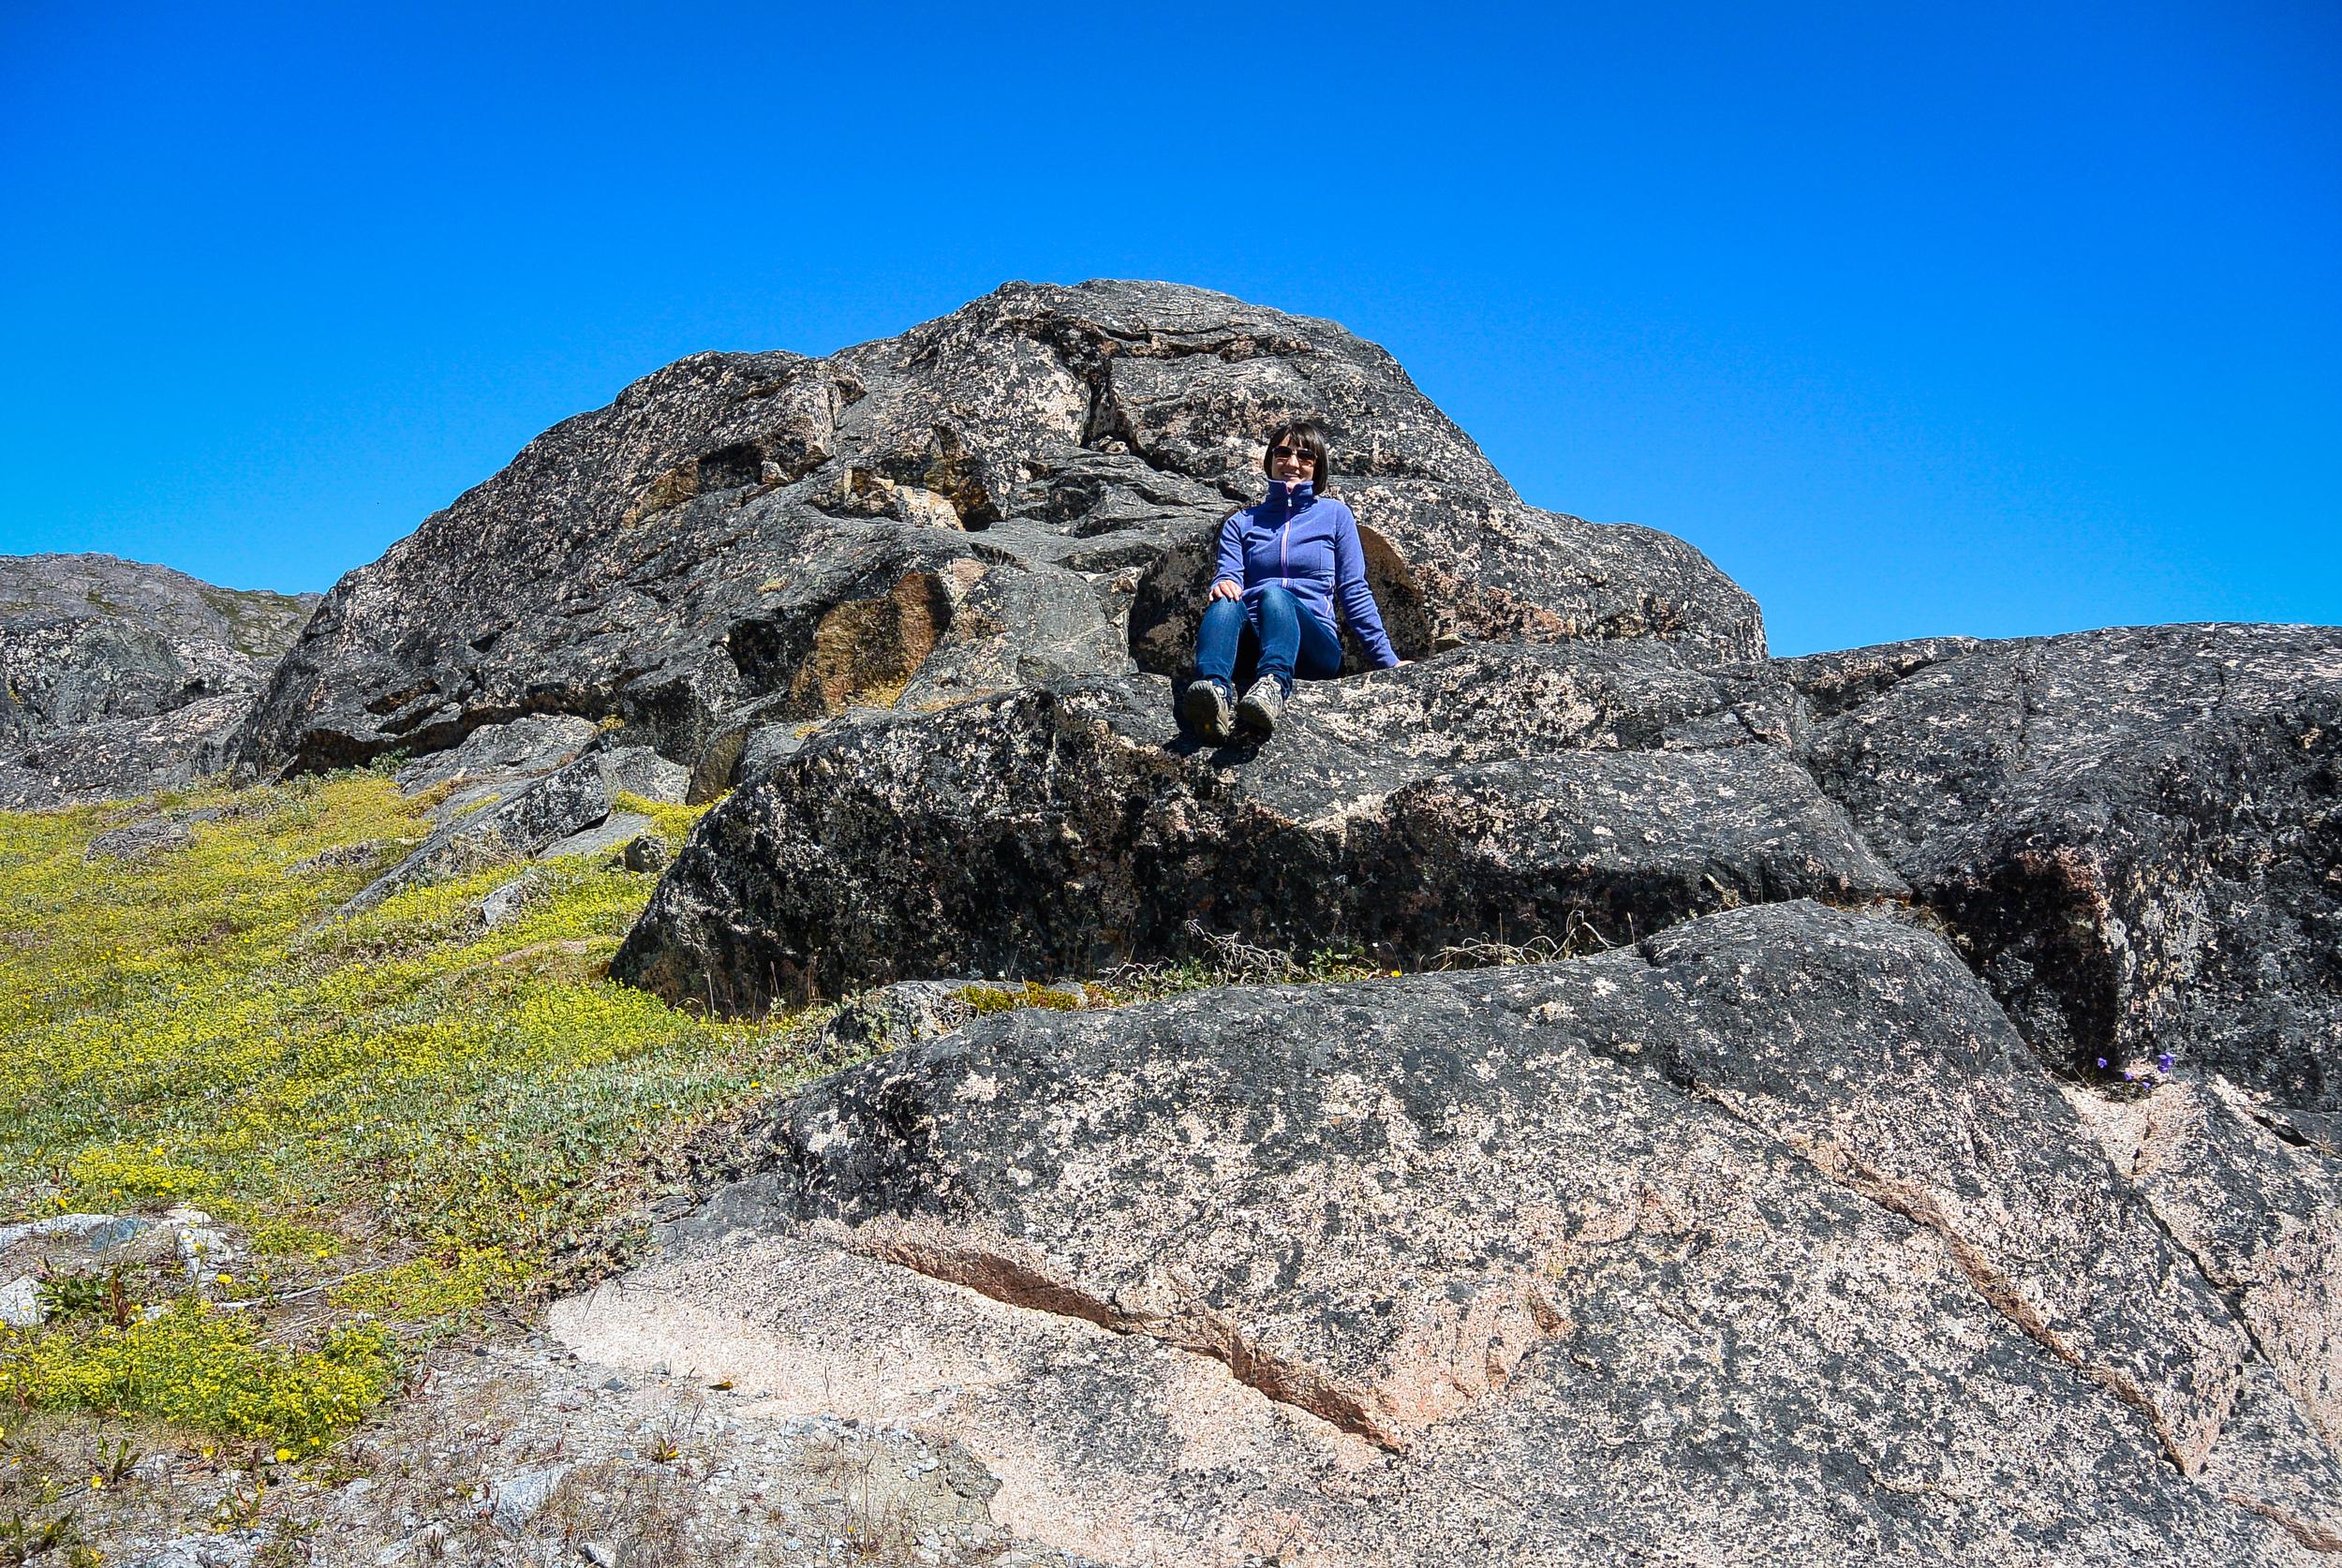 Greenland wilderness